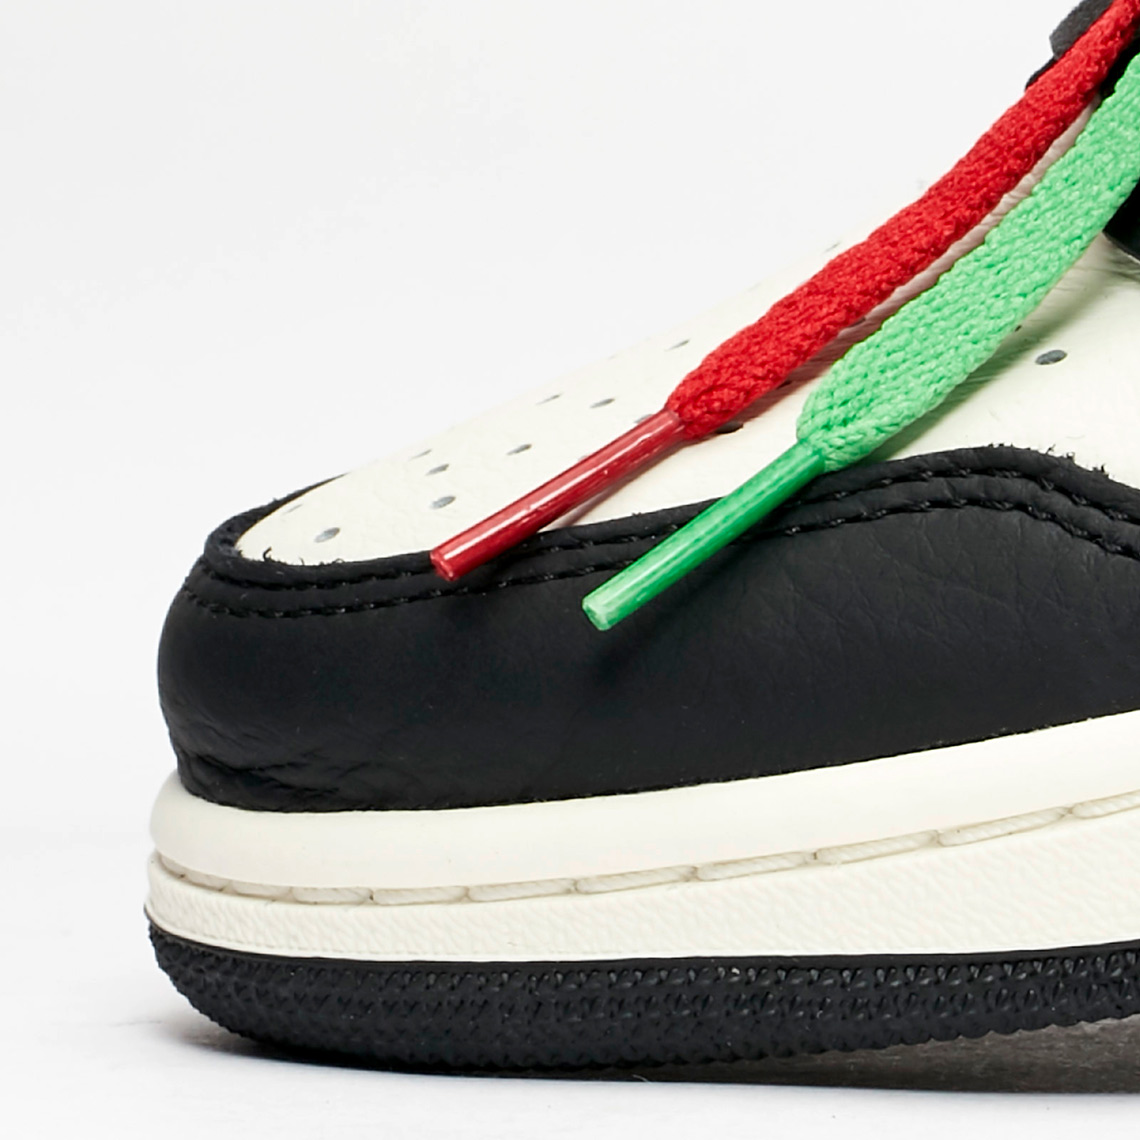 ccdbf1c3da9 Air Jordan 1 A Star Is Born Store List | SneakerNews.com